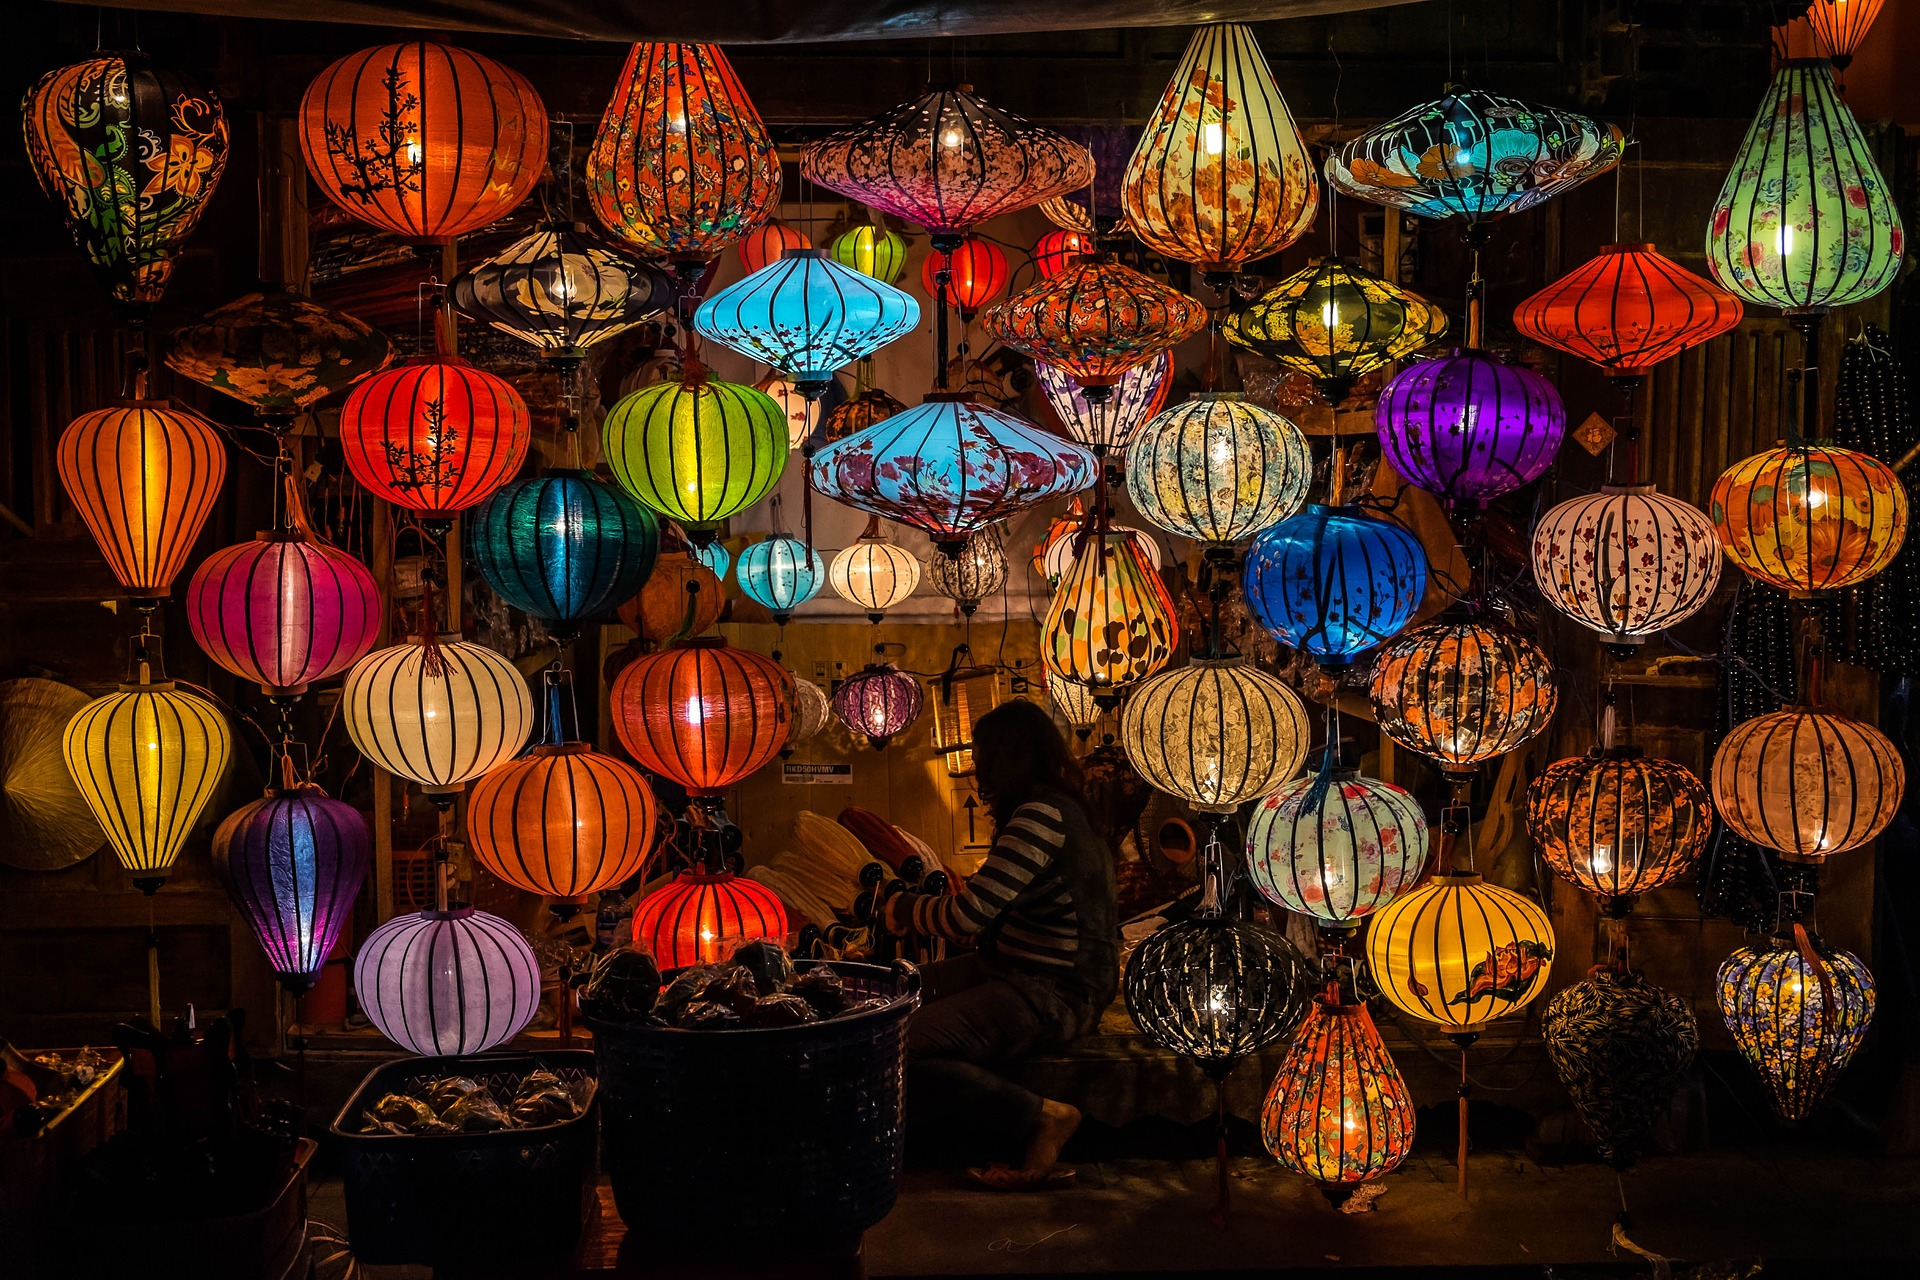 Loja de lanternas em Hoi An